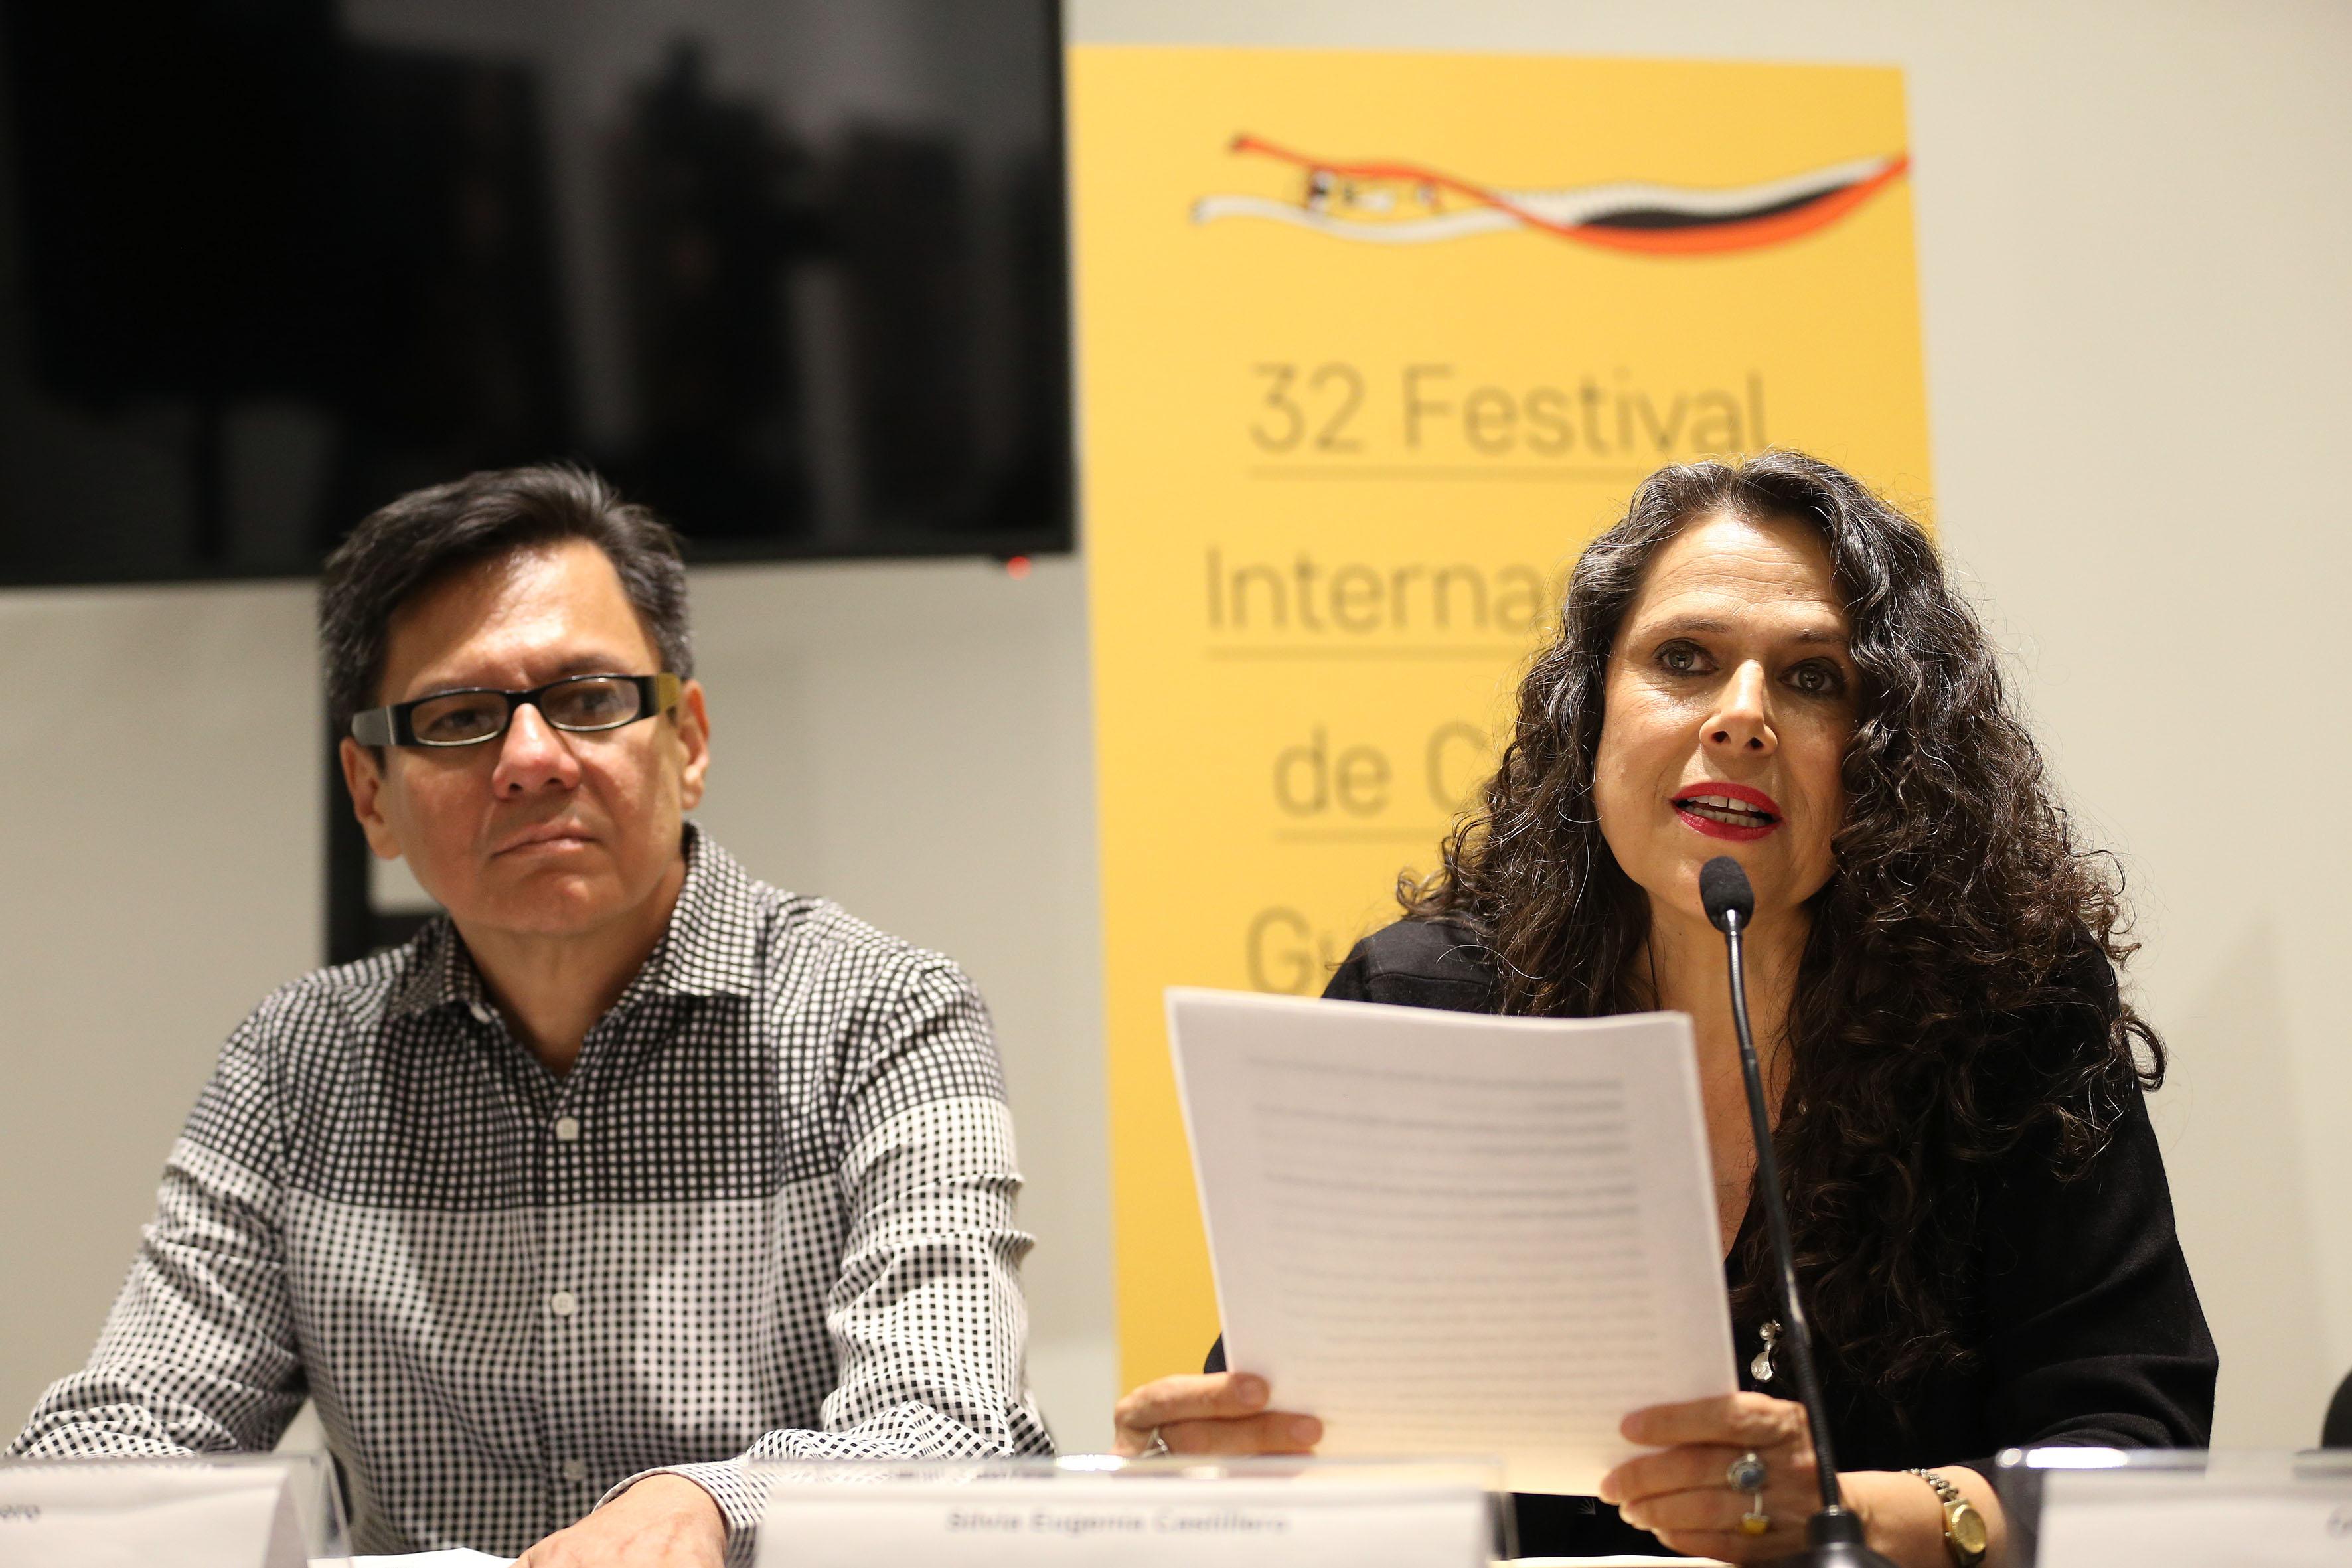 Silvia Eugenia Castillero, directora de la publicación en la presentación numero 86 de la revista literaria de la Universidad de Guadalajara (UdeG), en el marco del 32 Festival Internacional de Cine en Guadalajara (FICG)